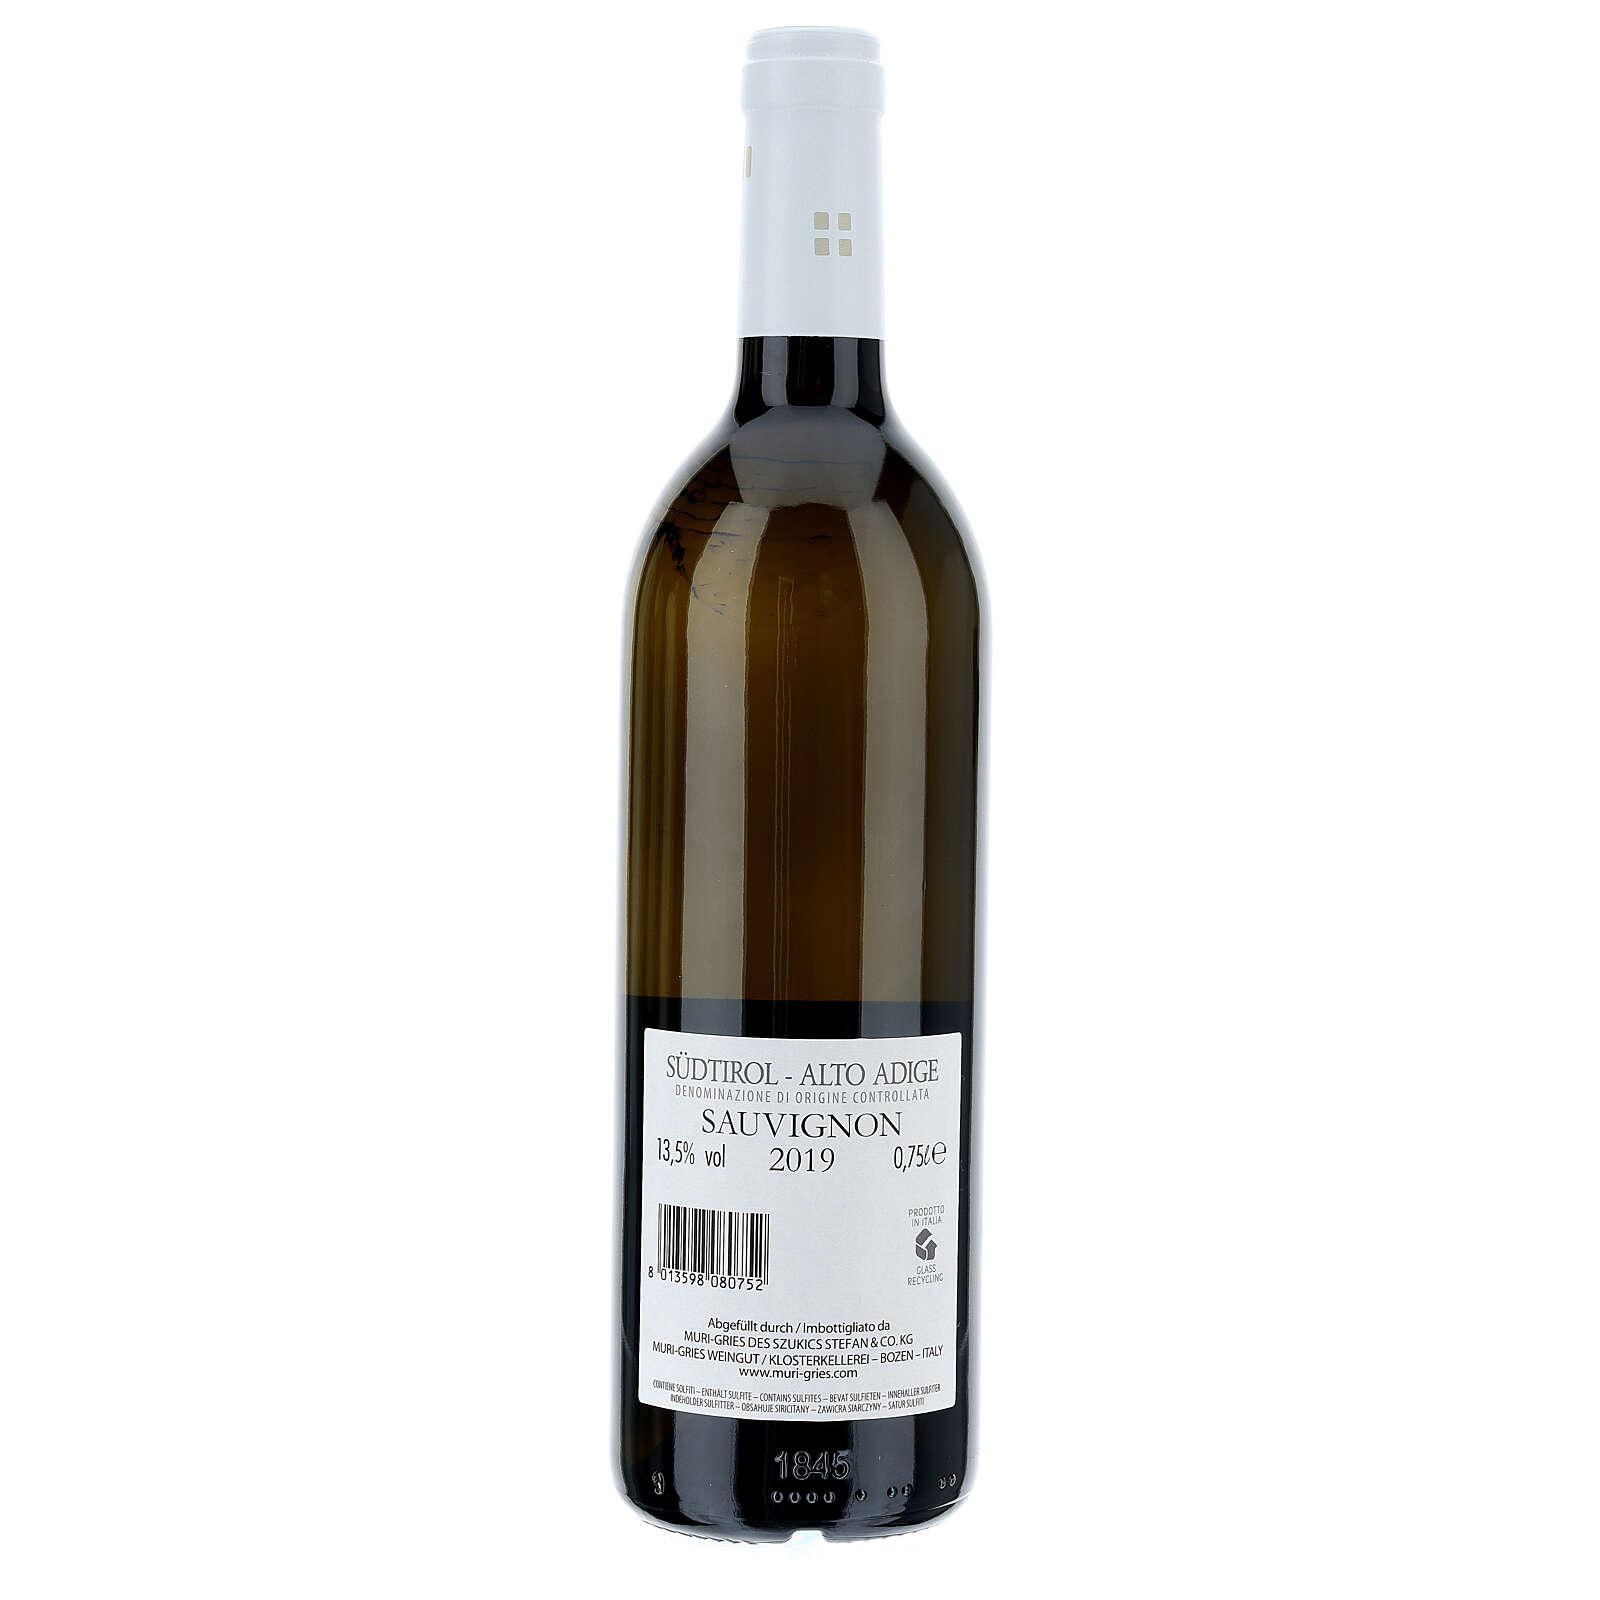 Sauvignon Blanc DOC 2019 Abtei Muri Gries 3